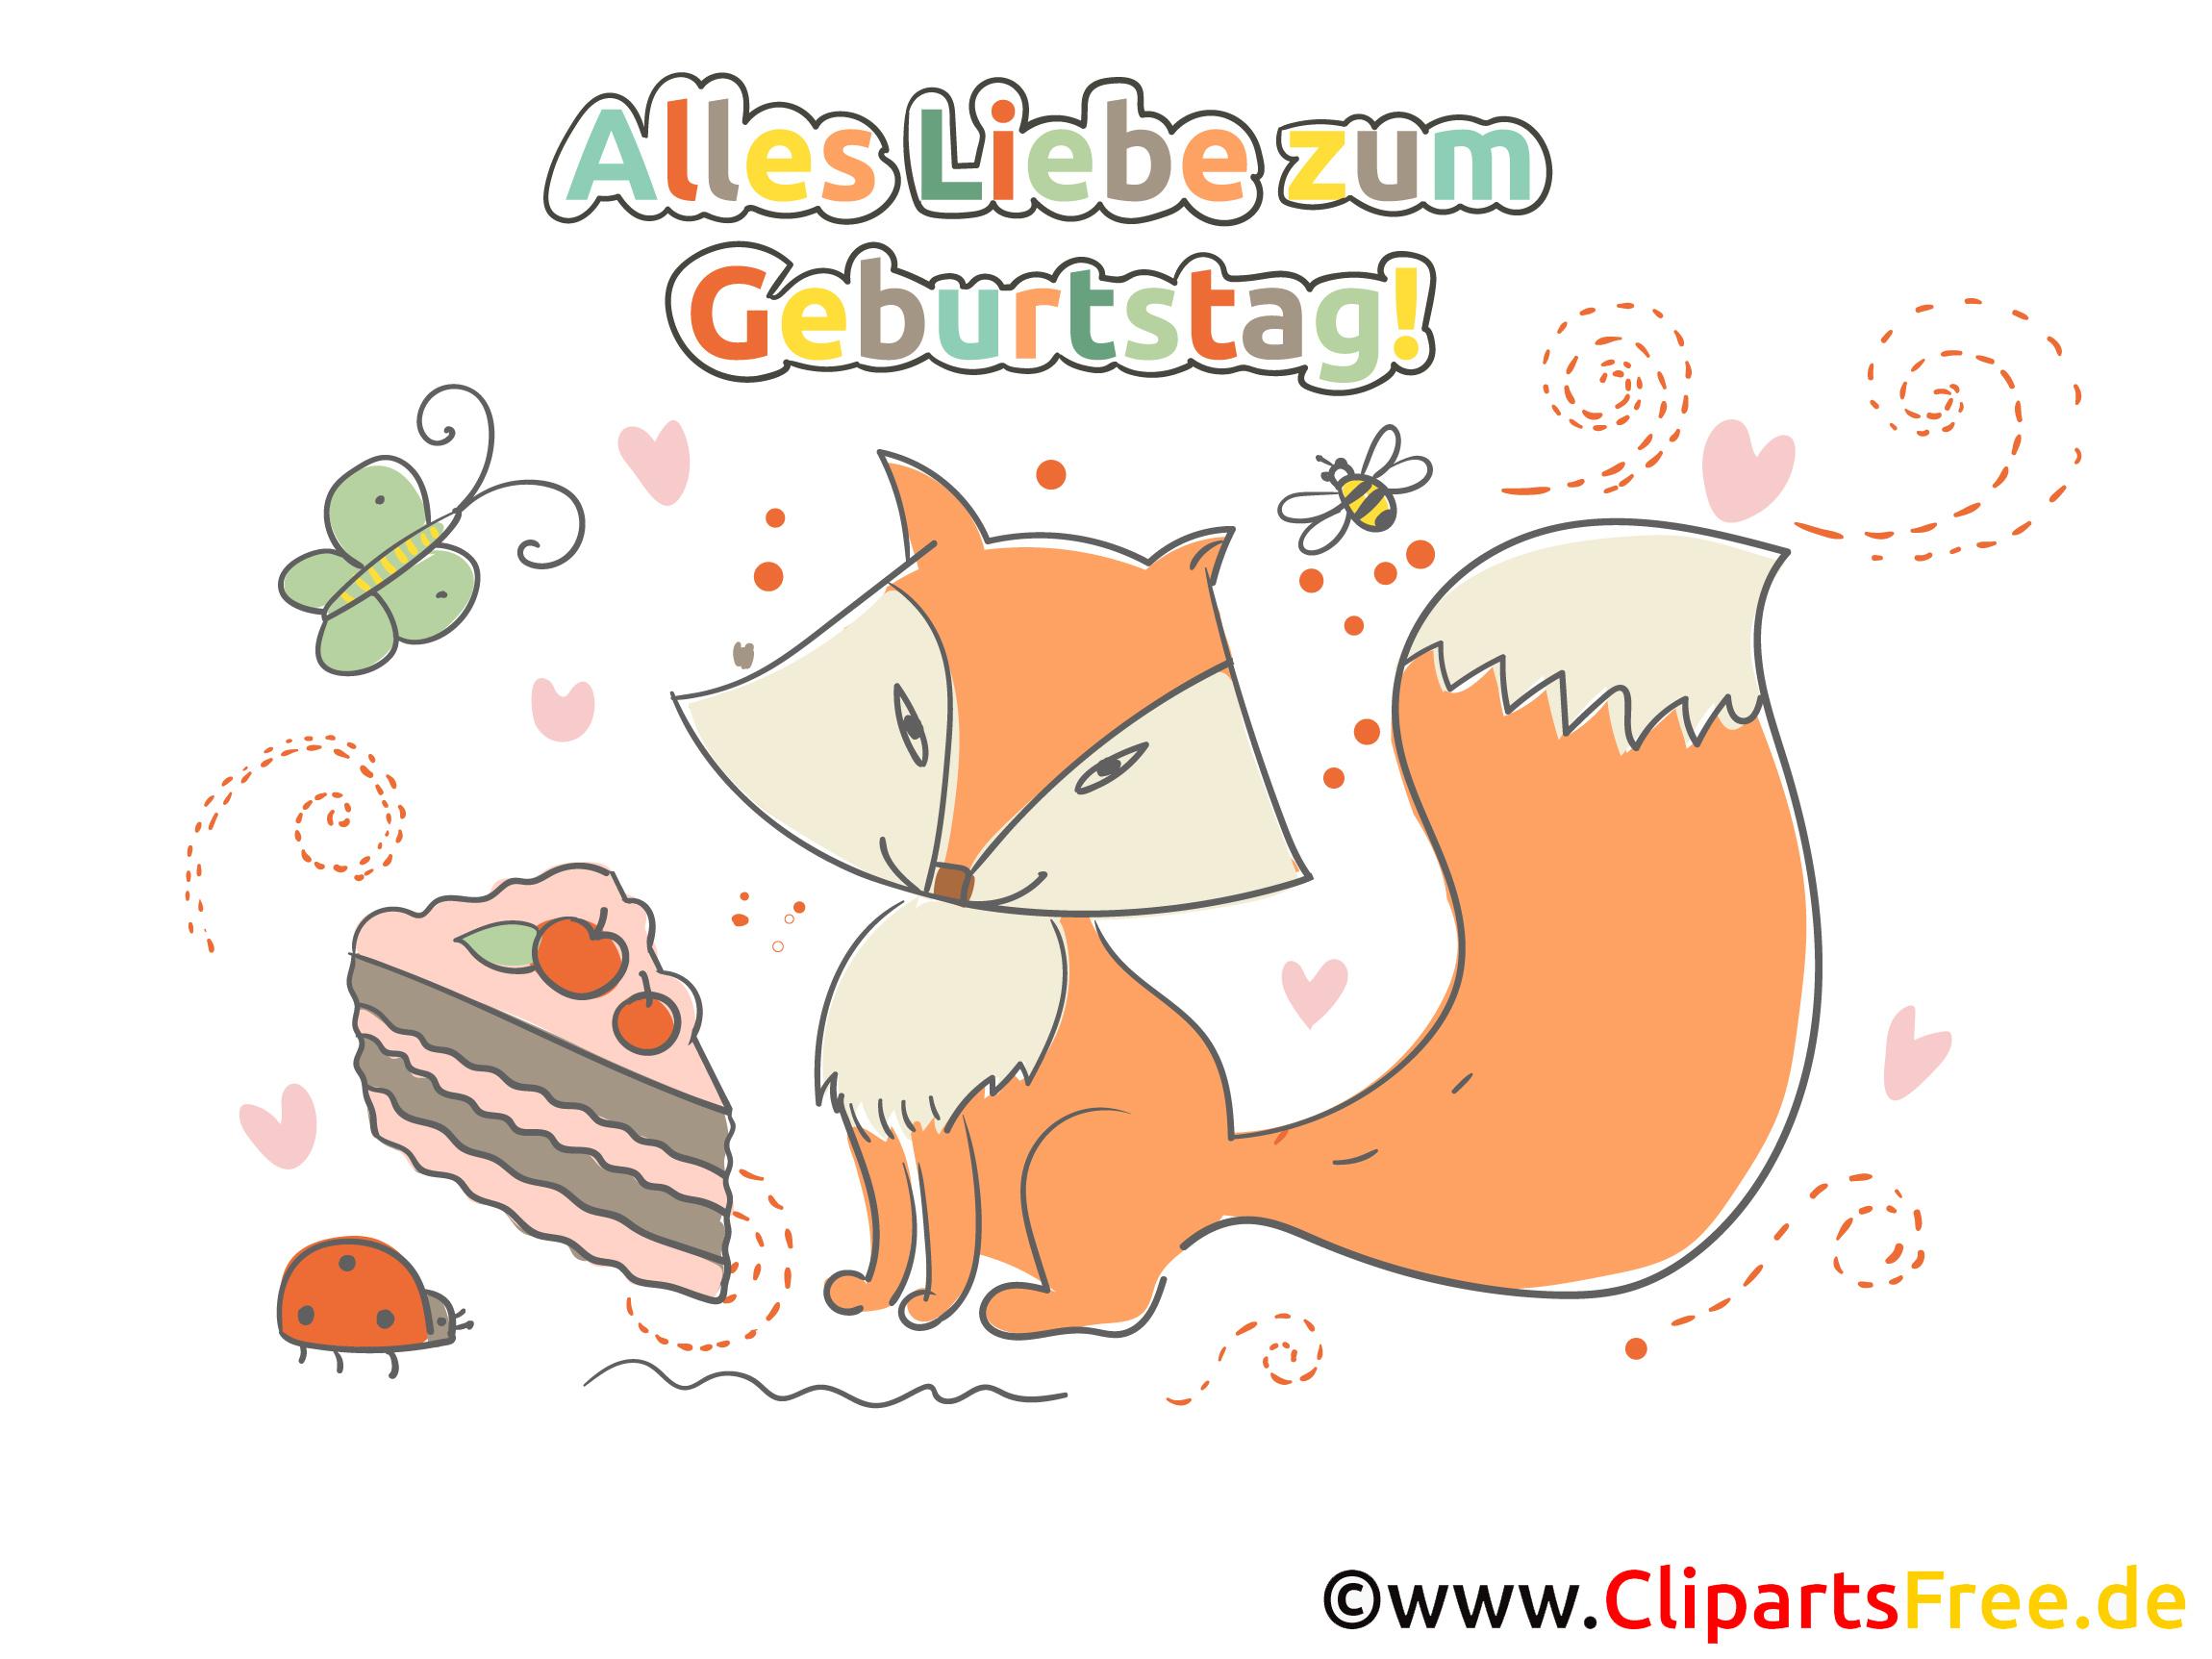 Geburtstags Cliparts gratis herunterladen